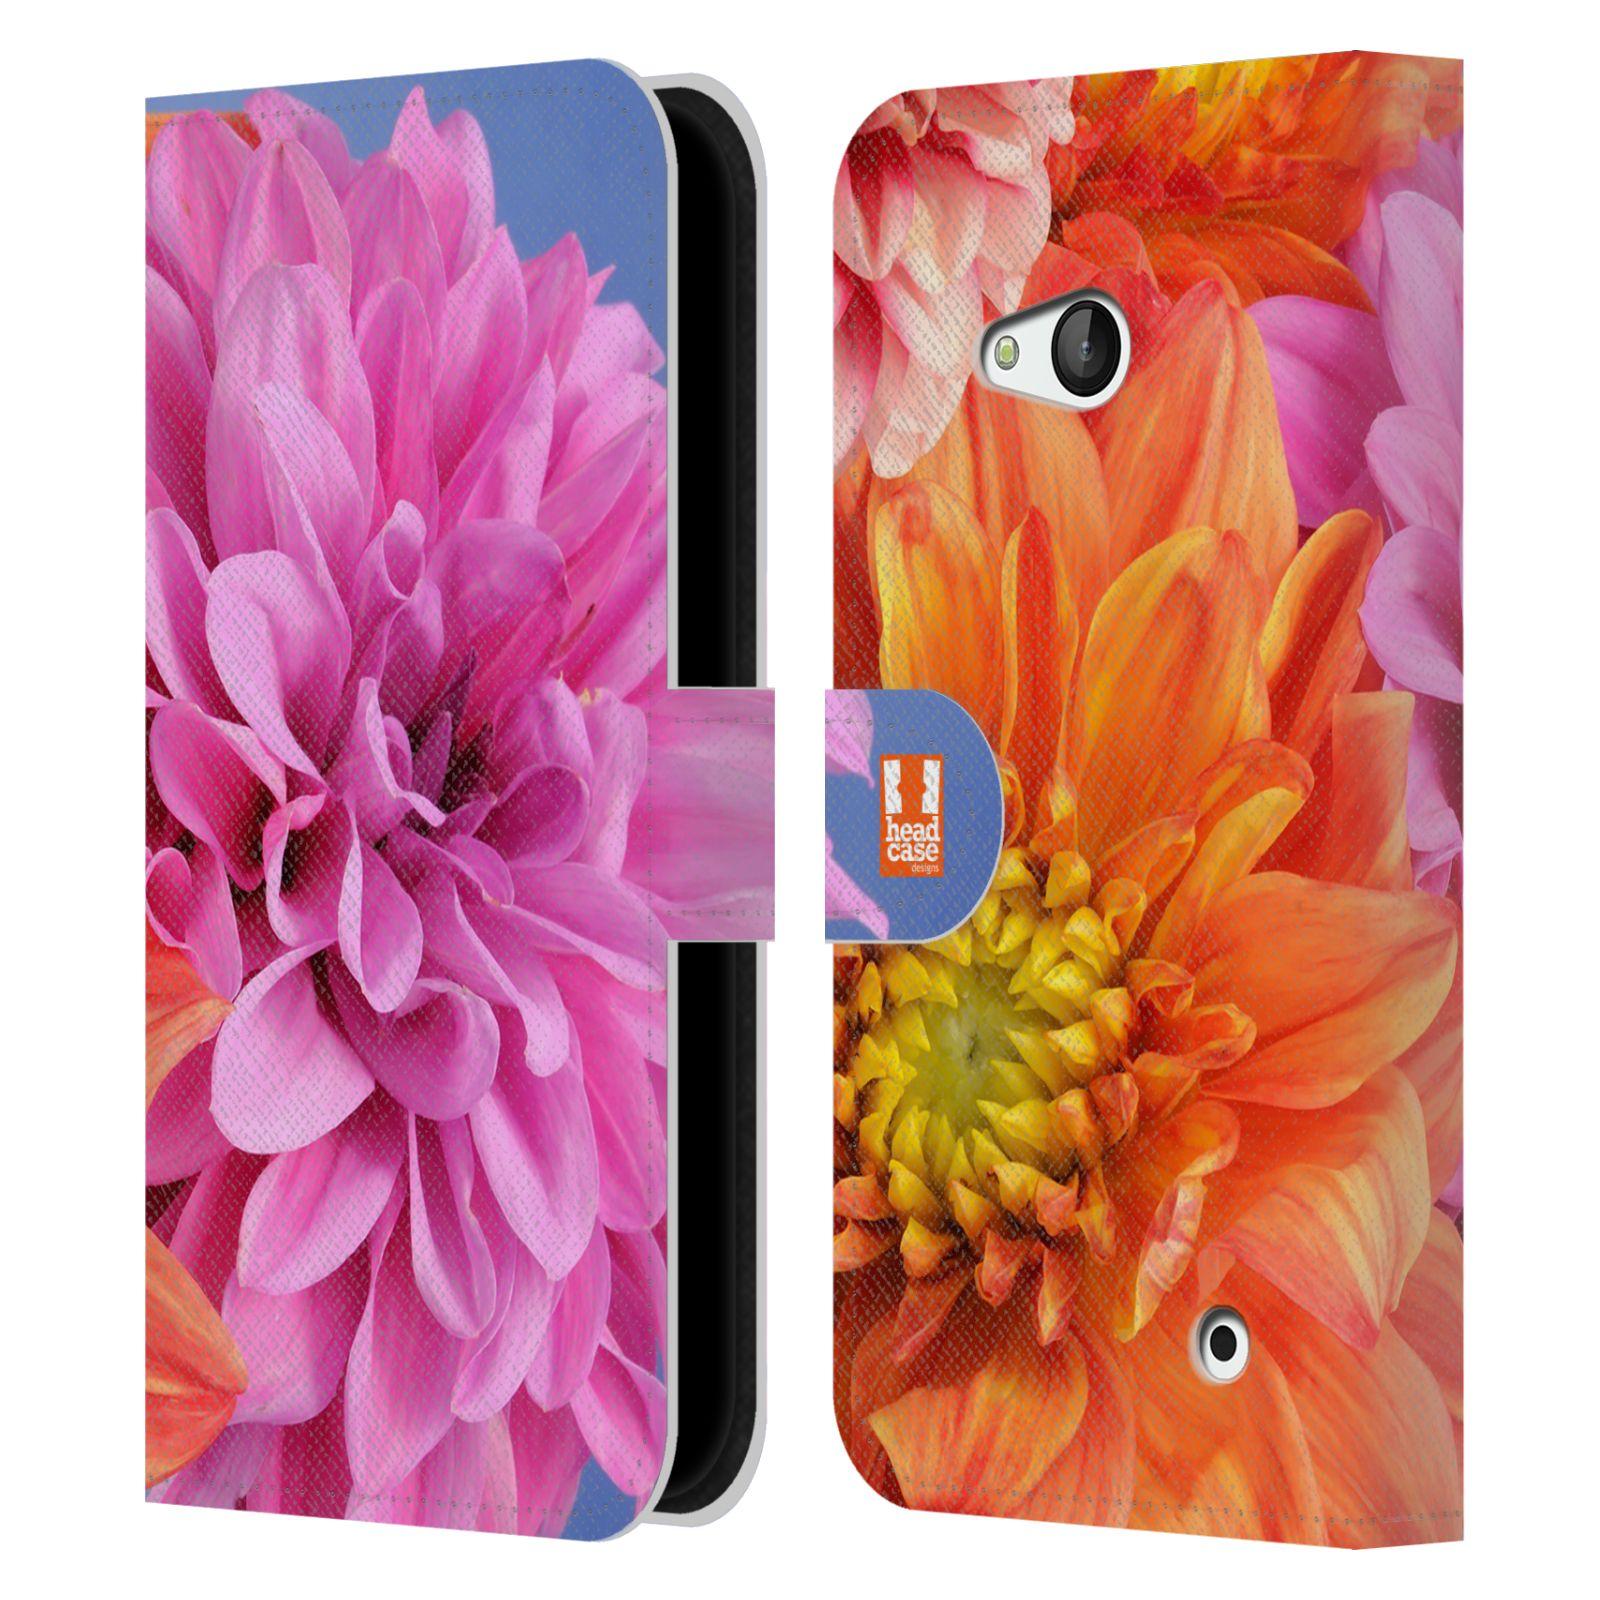 HEAD CASE Flipové pouzdro pro mobil NOKIA / MICROSOFT LUMIA 640 / LUMIA 640 DUAL květy foto Jiřinka růžová a oranžová